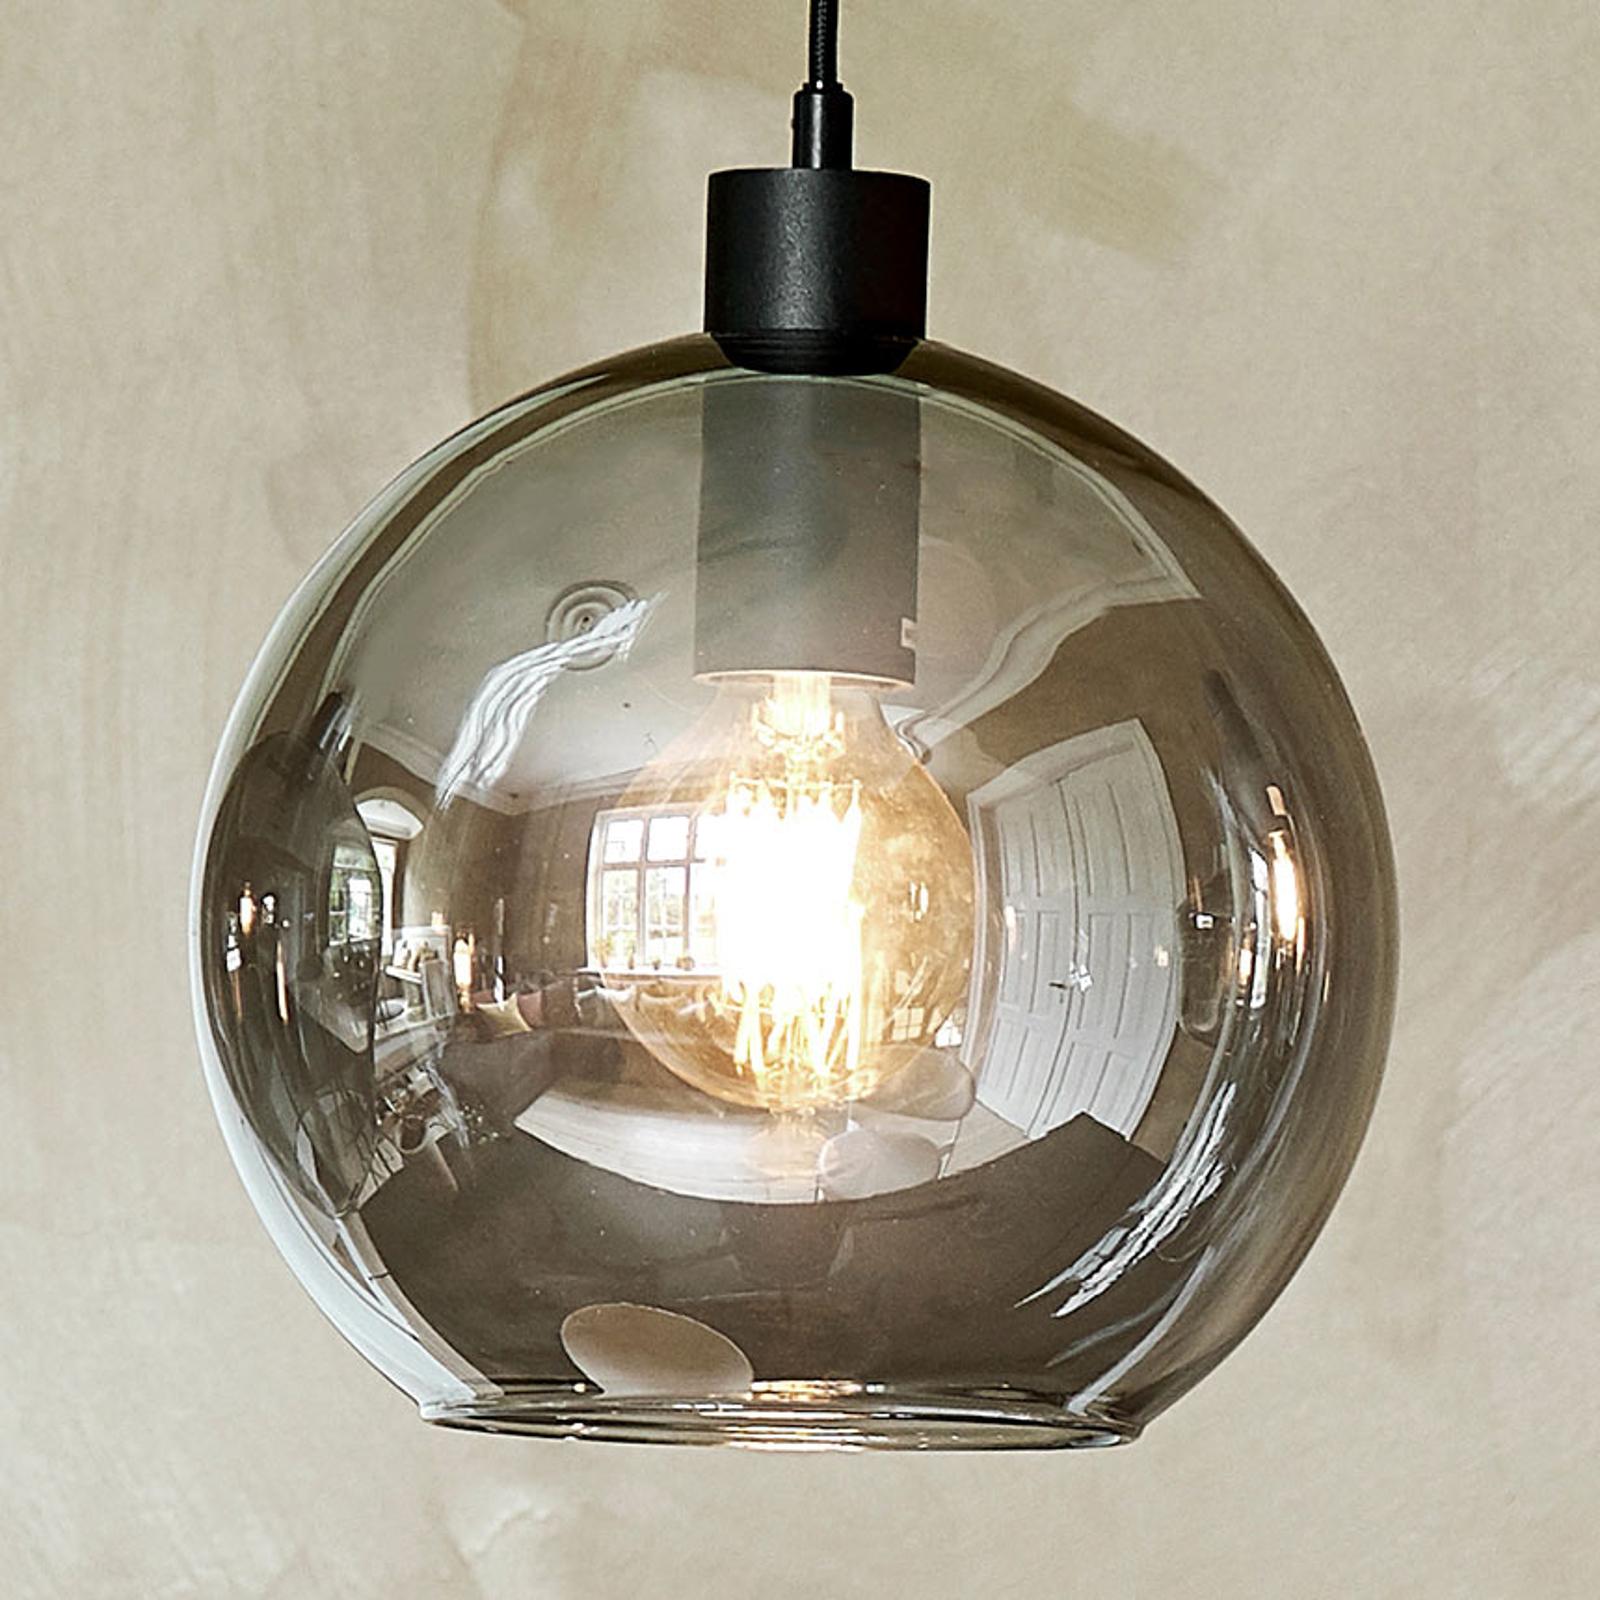 FRANDSEN Kyoto rund glashængelampe